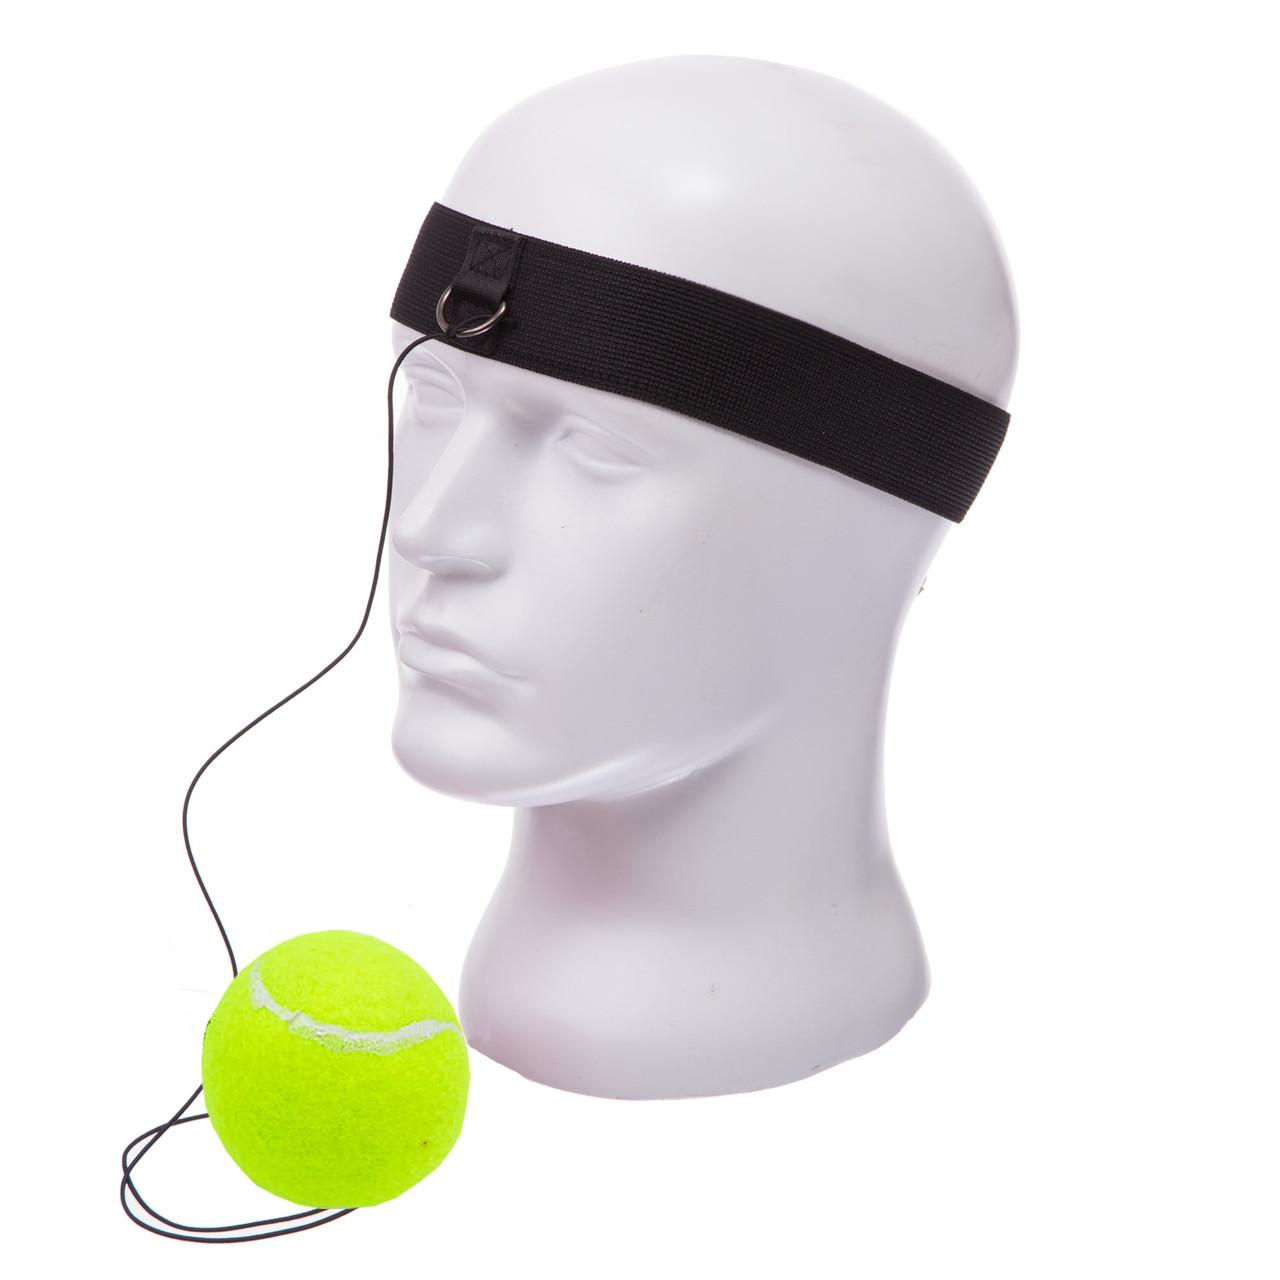 Тренажер для бокса Теннисный мяч на резинке Fight Ball (1шт) 6730 Салатовый